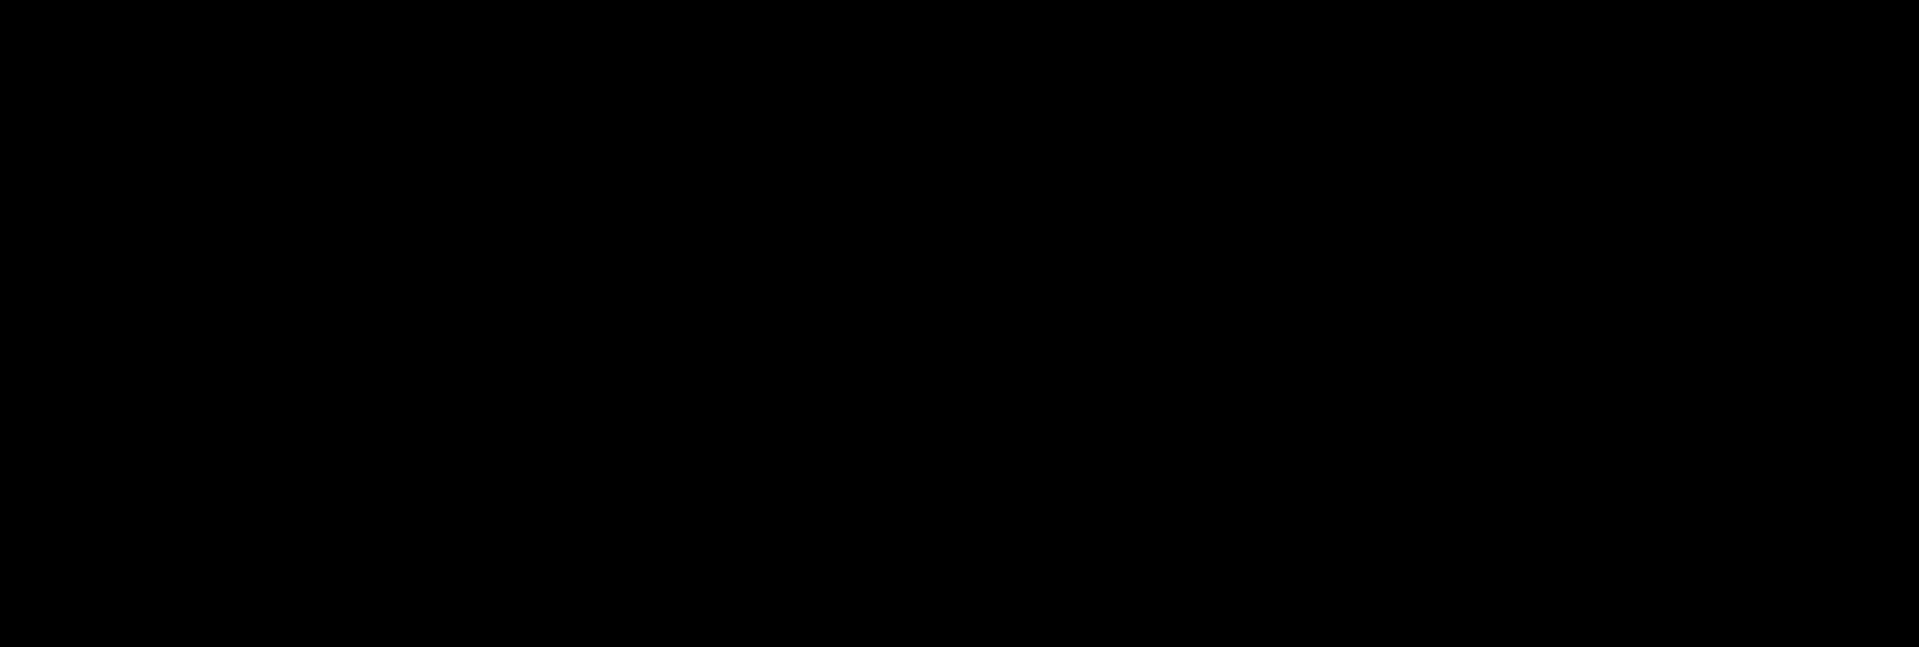 bop-web-black